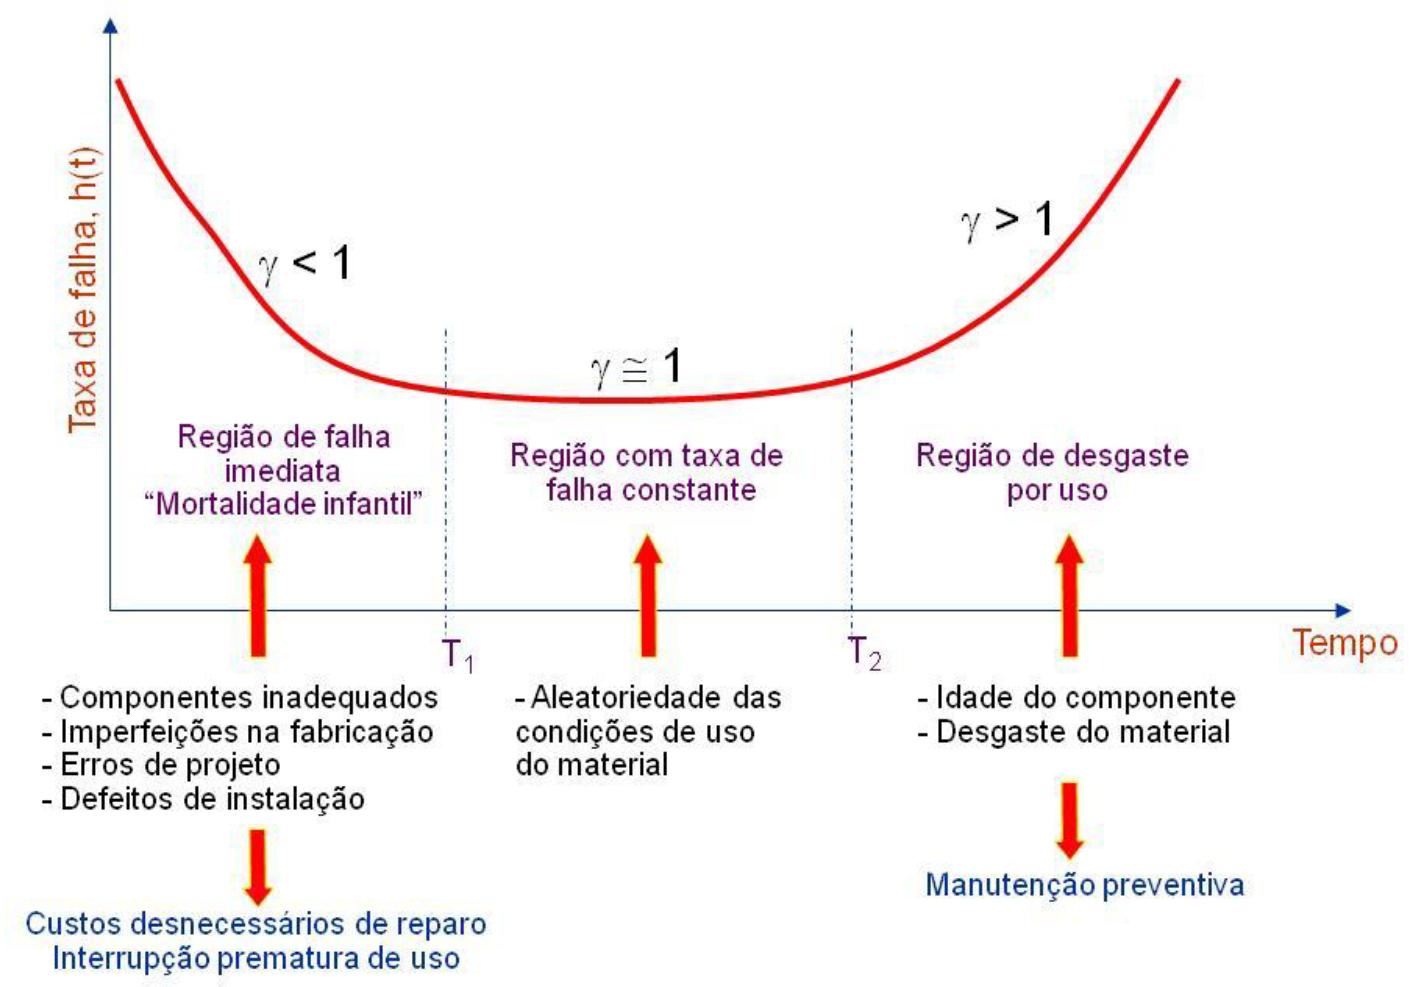 curva da banheira confiabilidade